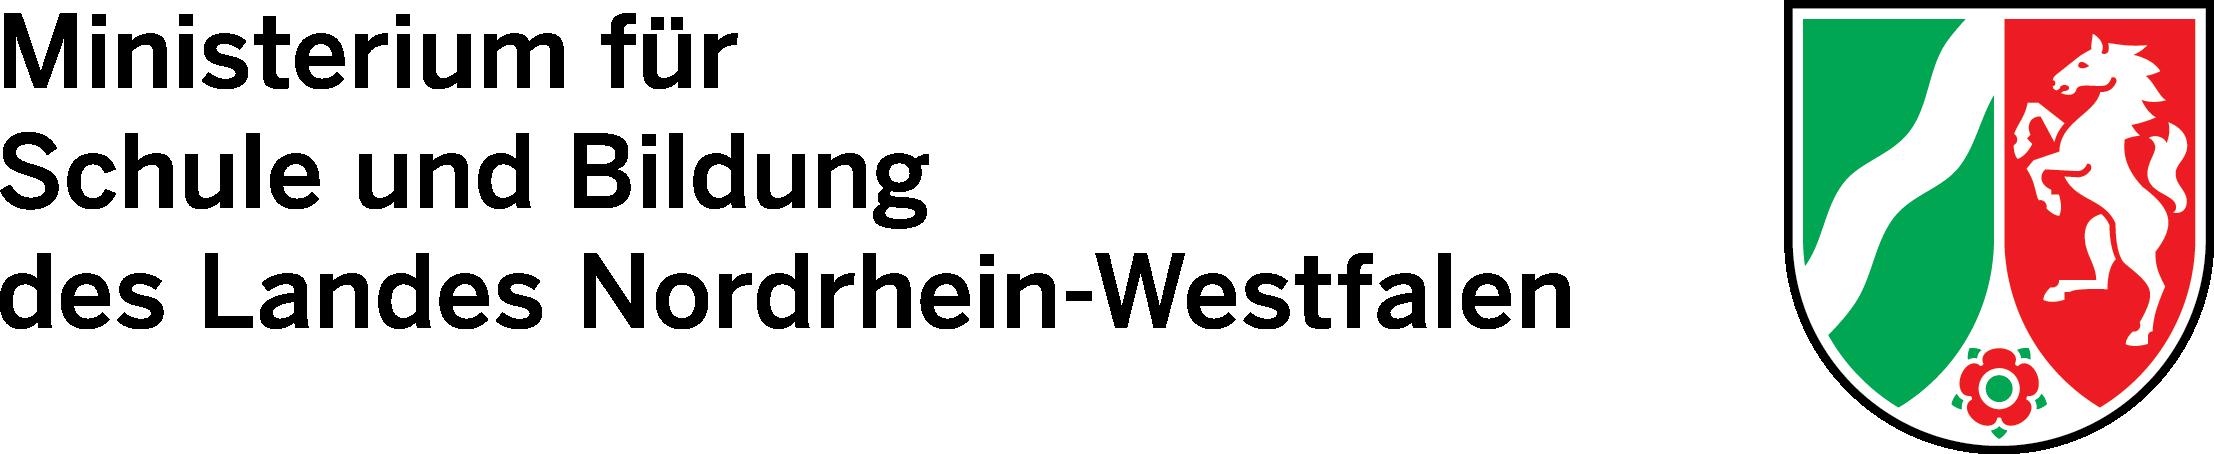 Dr. N. Reichel, MinSchulNRW